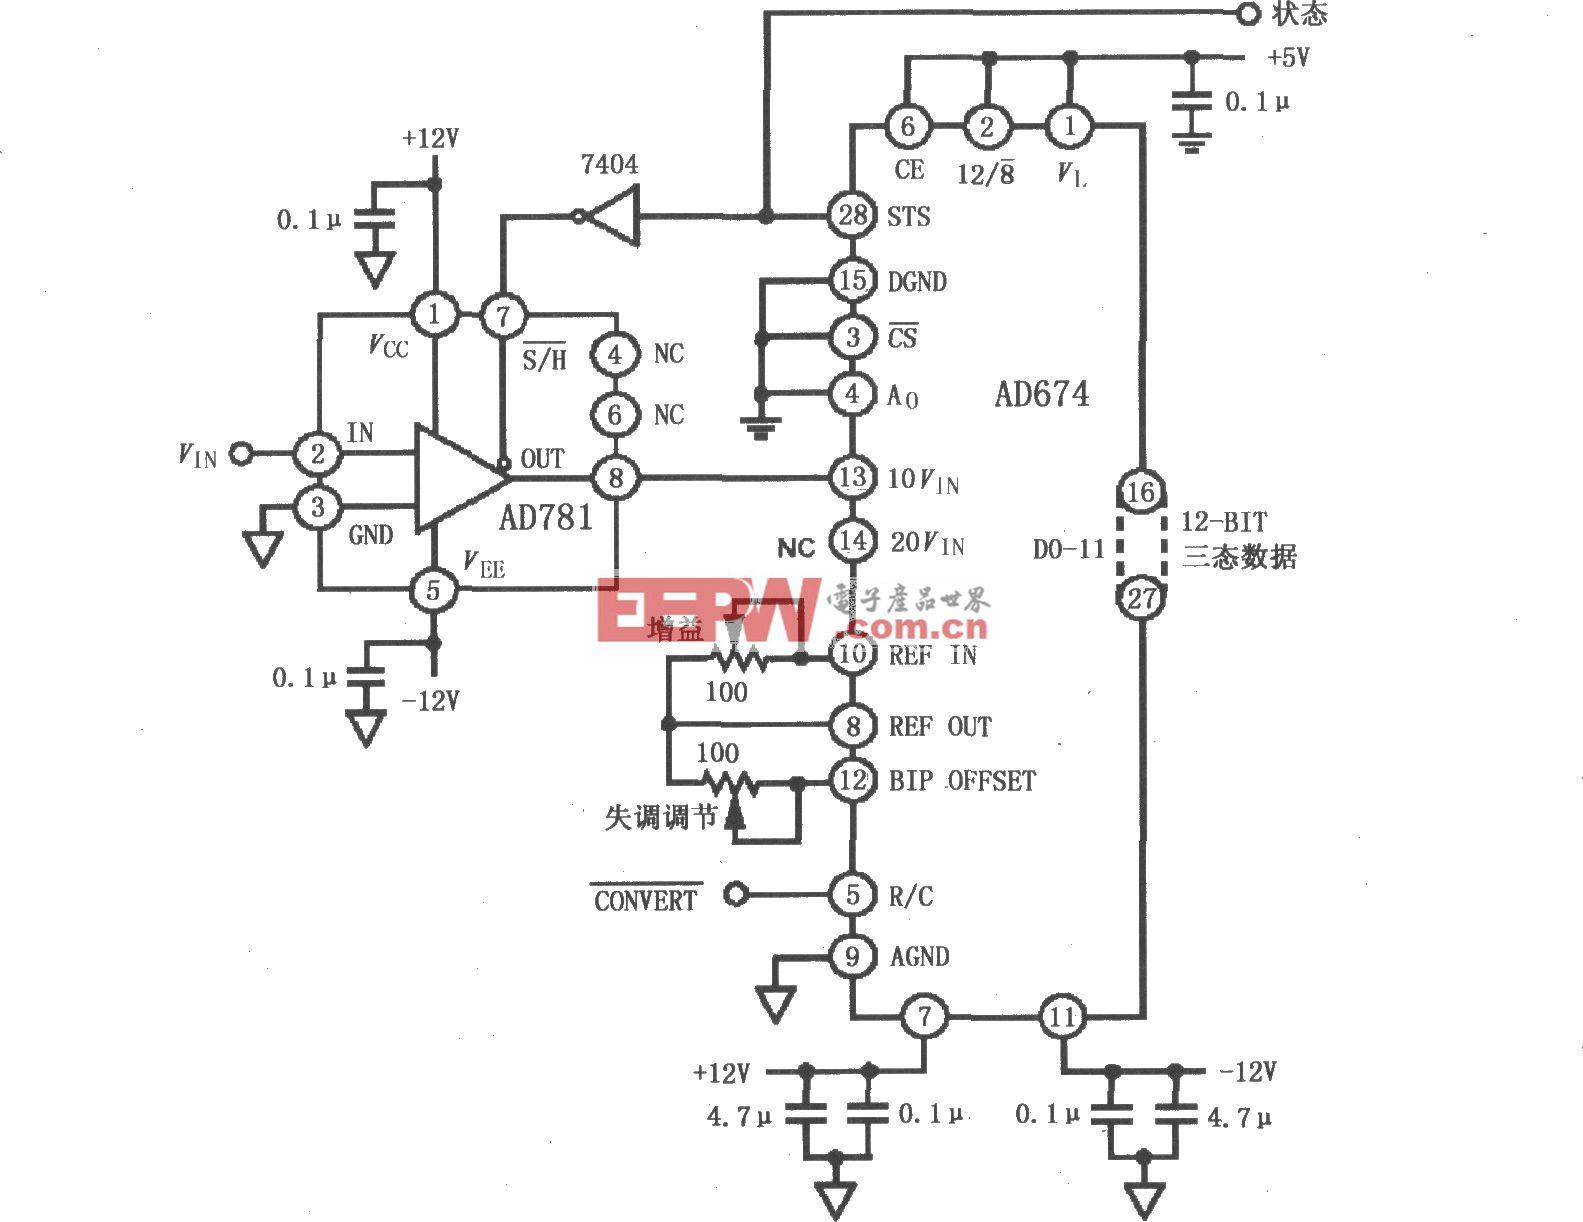 采样保持放大器AD781与AD674的接口电路